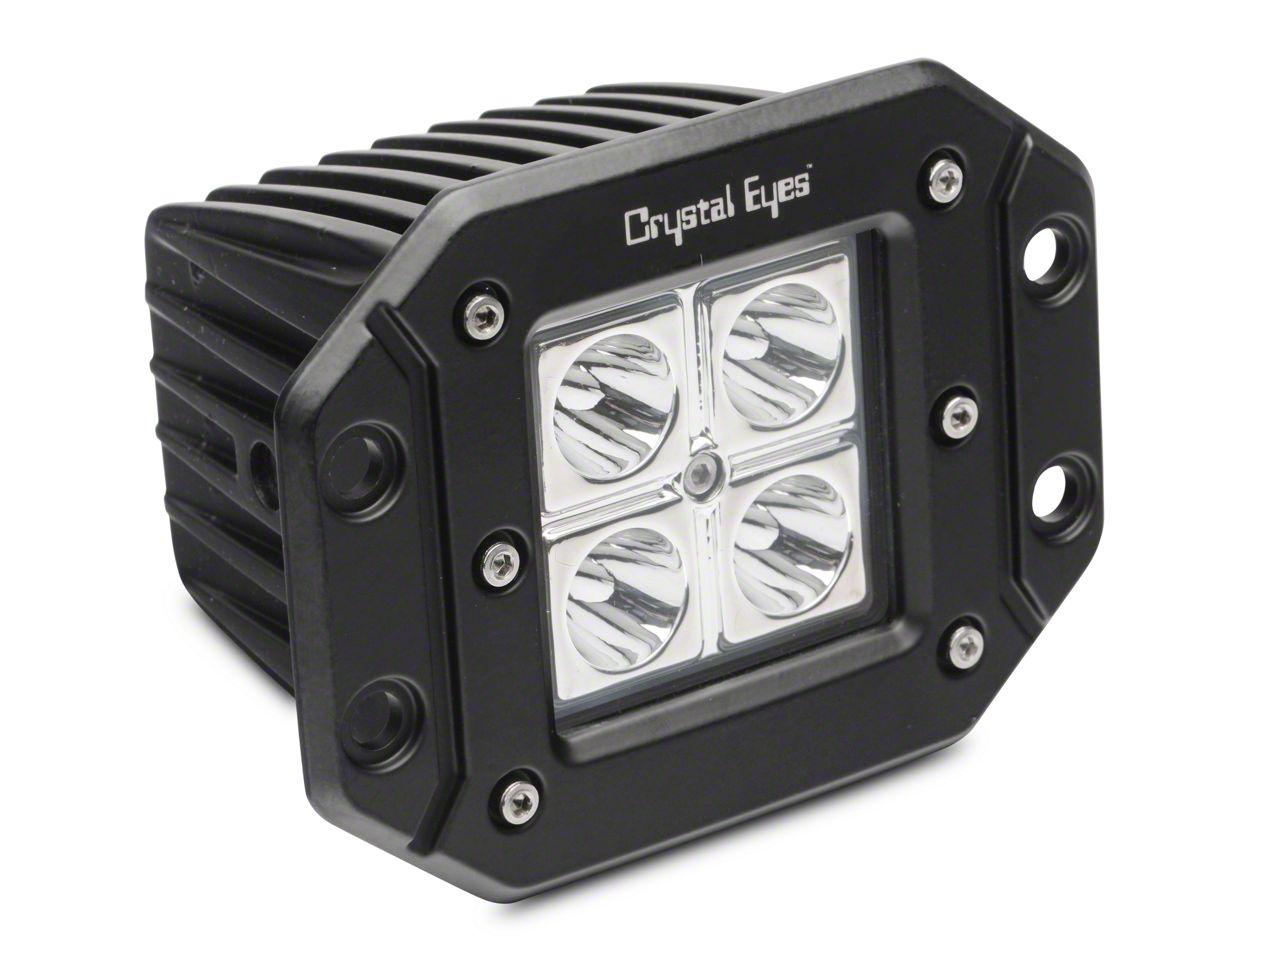 Alteon 5 in. Work Flush Mount LED Cube Light - 30 Degree Flood Beam